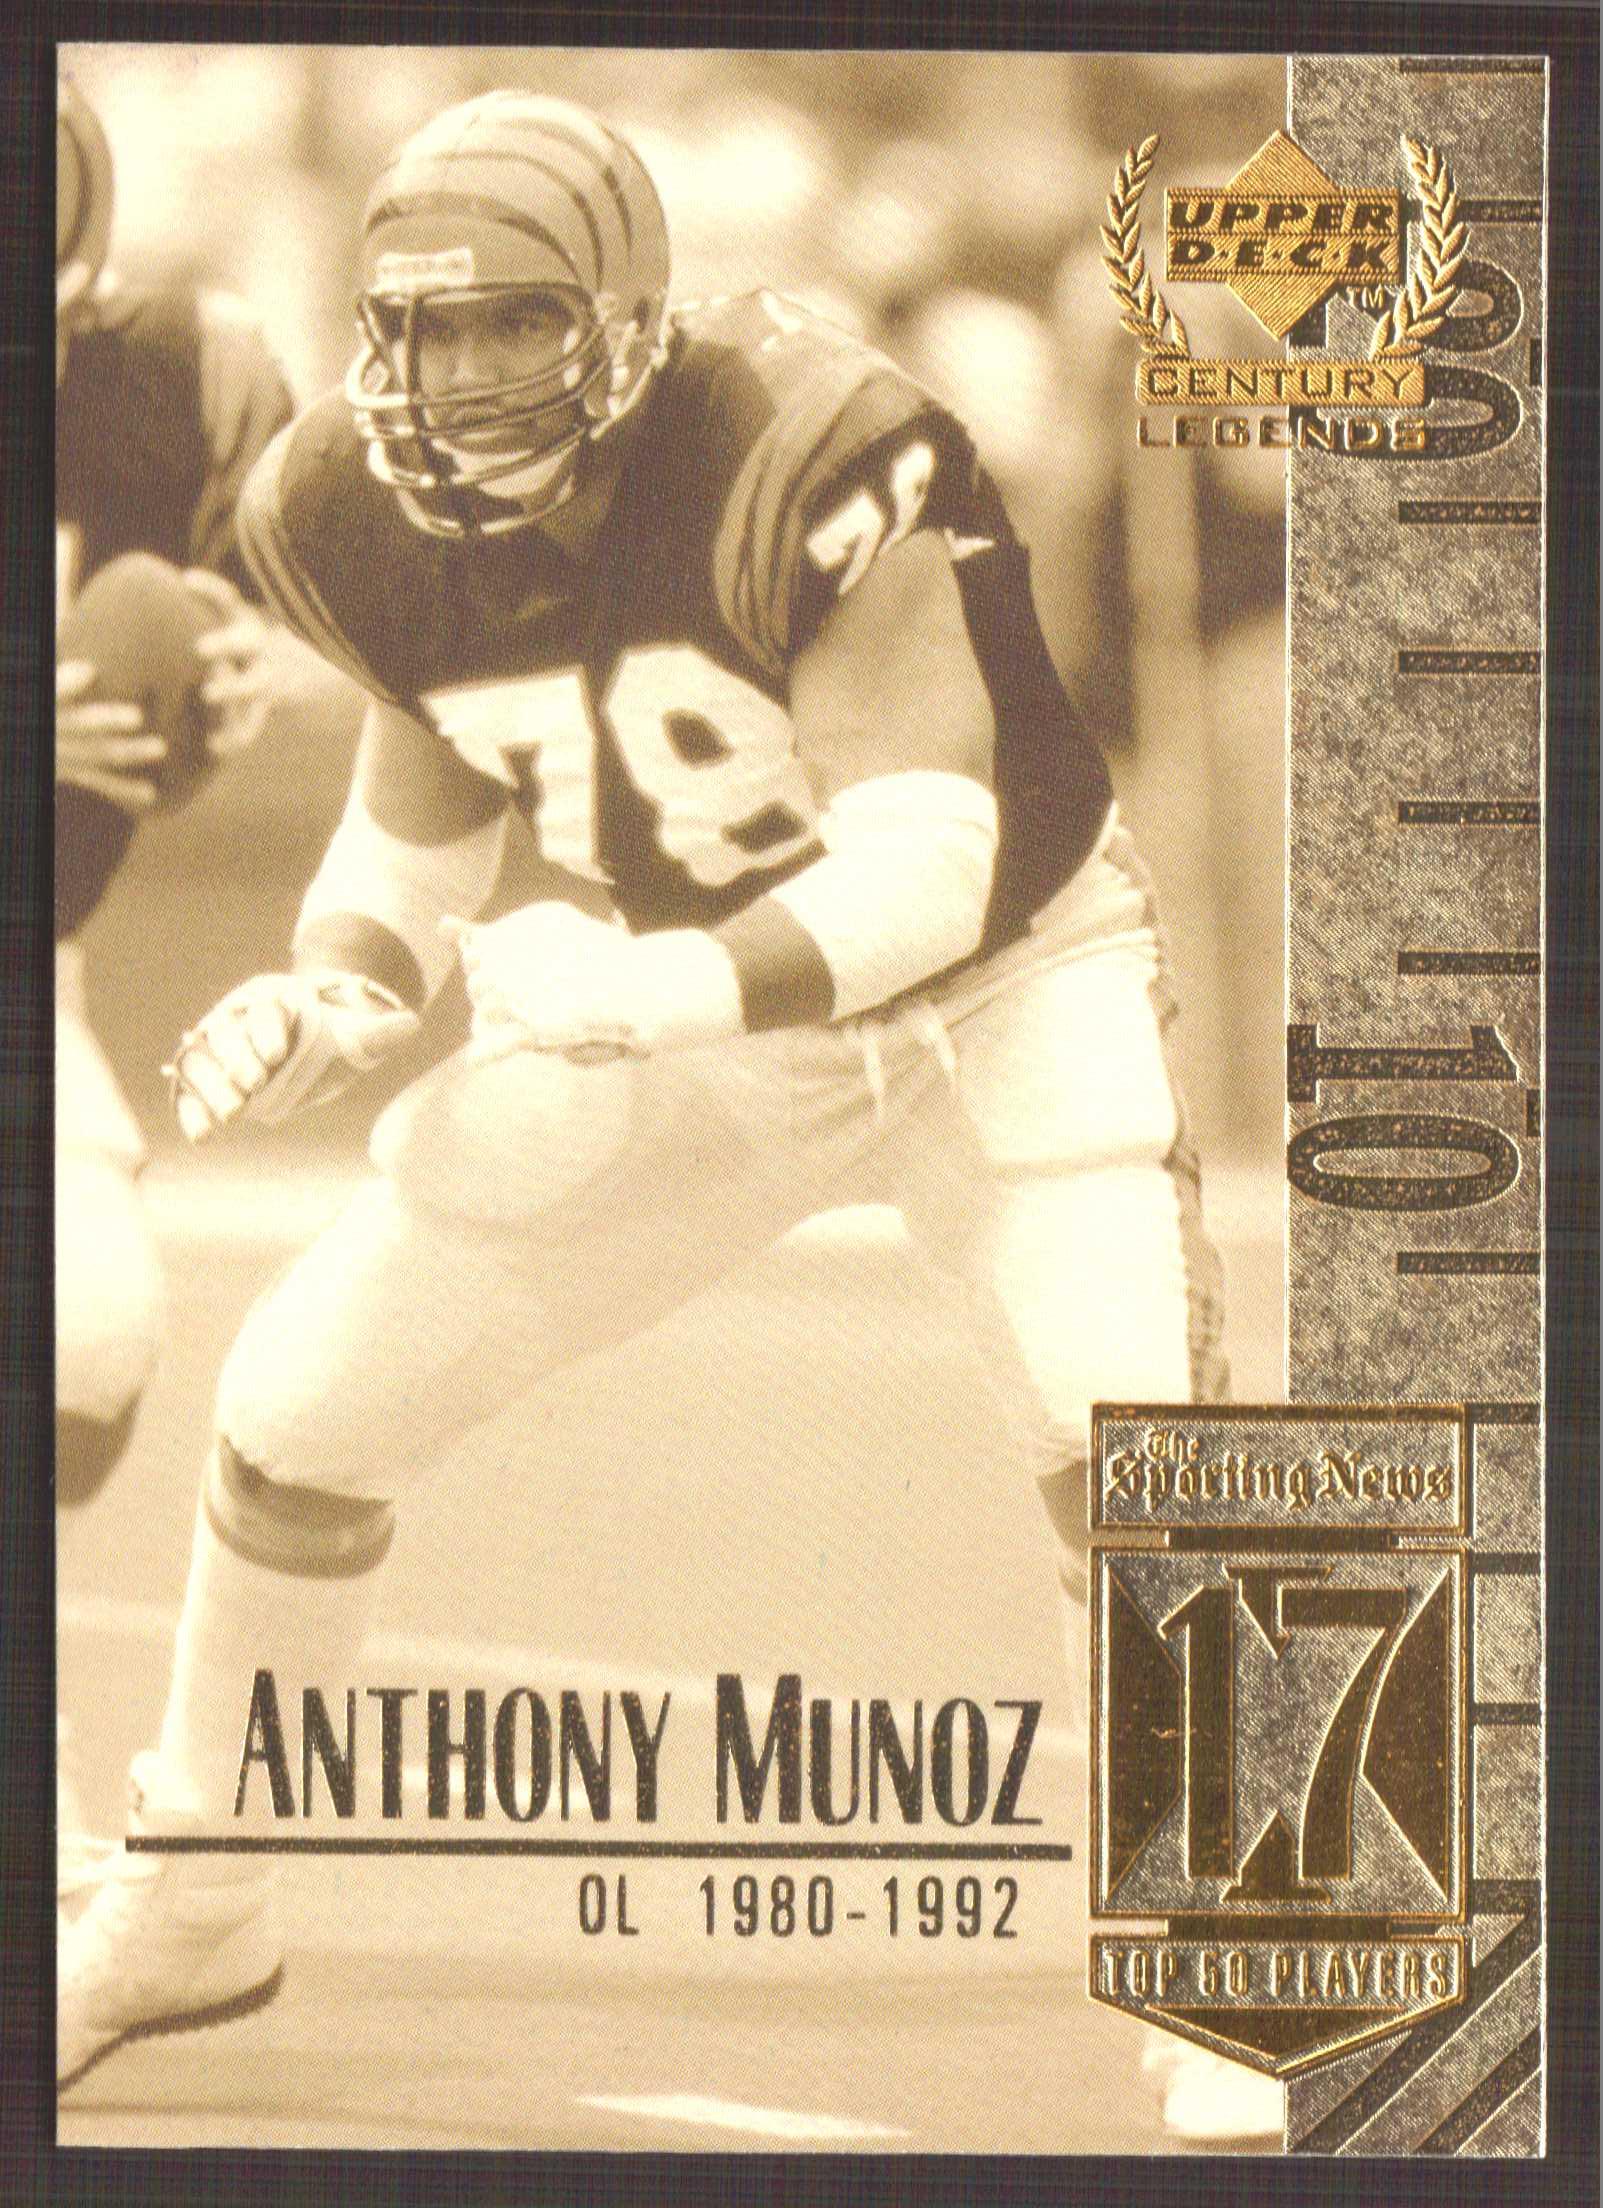 1999 Upper Deck Century Legends #17 Anthony Munoz